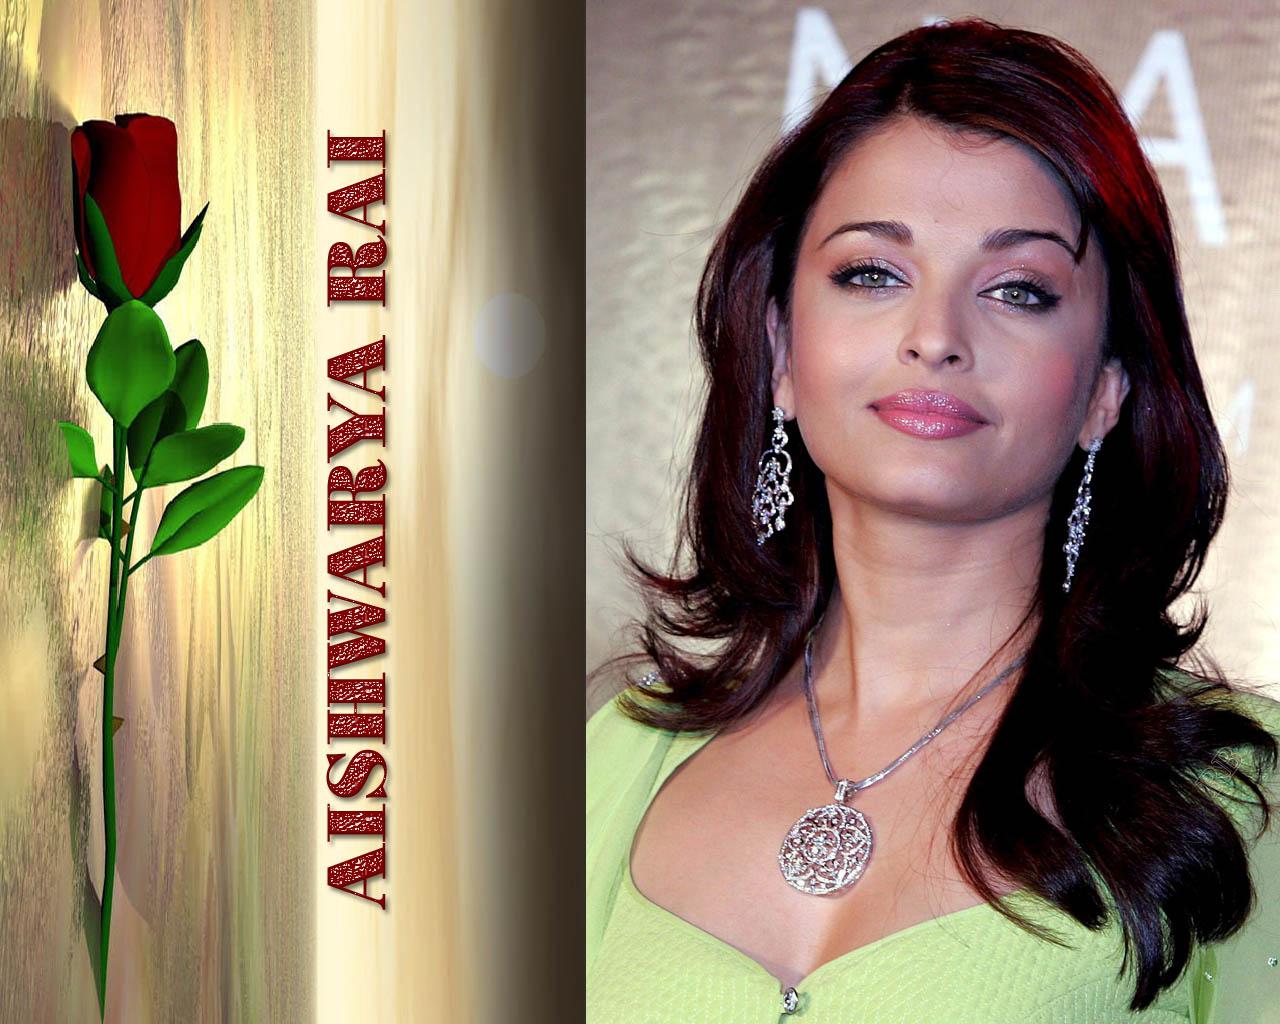 http://3.bp.blogspot.com/-N2MPVqXhcro/TunrBvEaf_I/AAAAAAAABA4/D41Ln27wxMM/s1600/Aishwarya_Rai_b_242.jpg